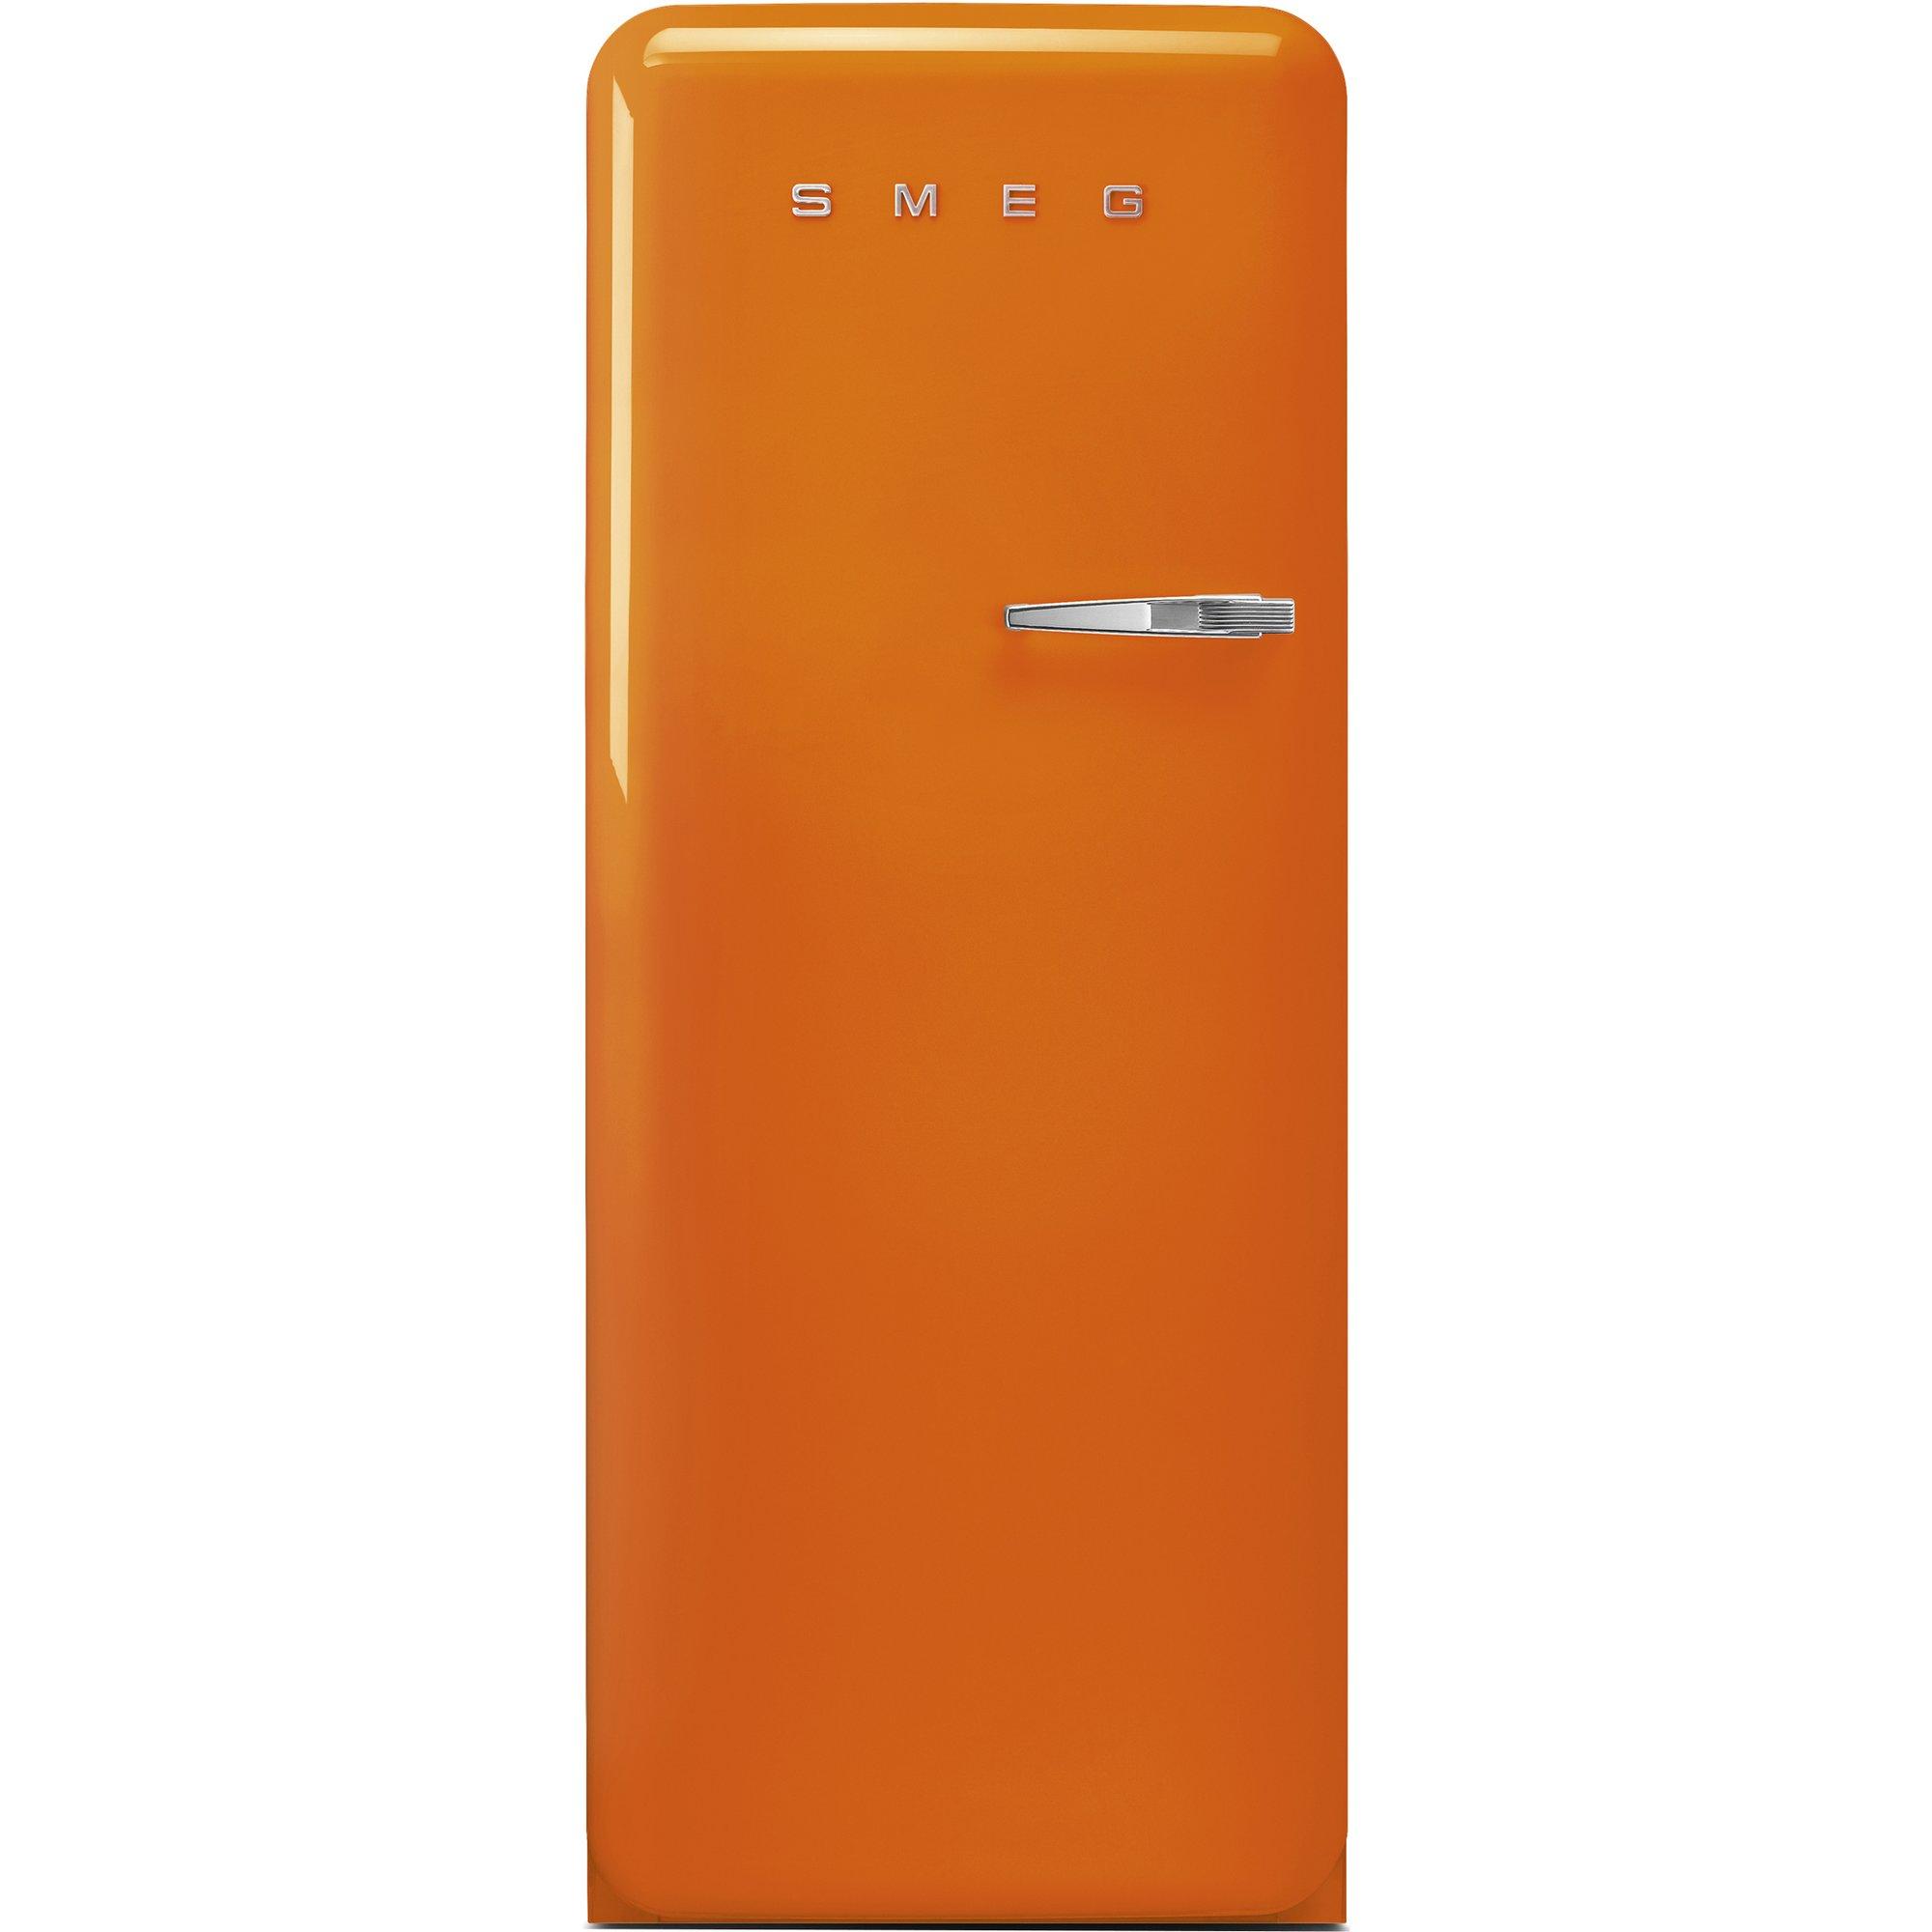 Smeg Vänsterhängt Kylskåp i 50-tals Retrodesign Orange